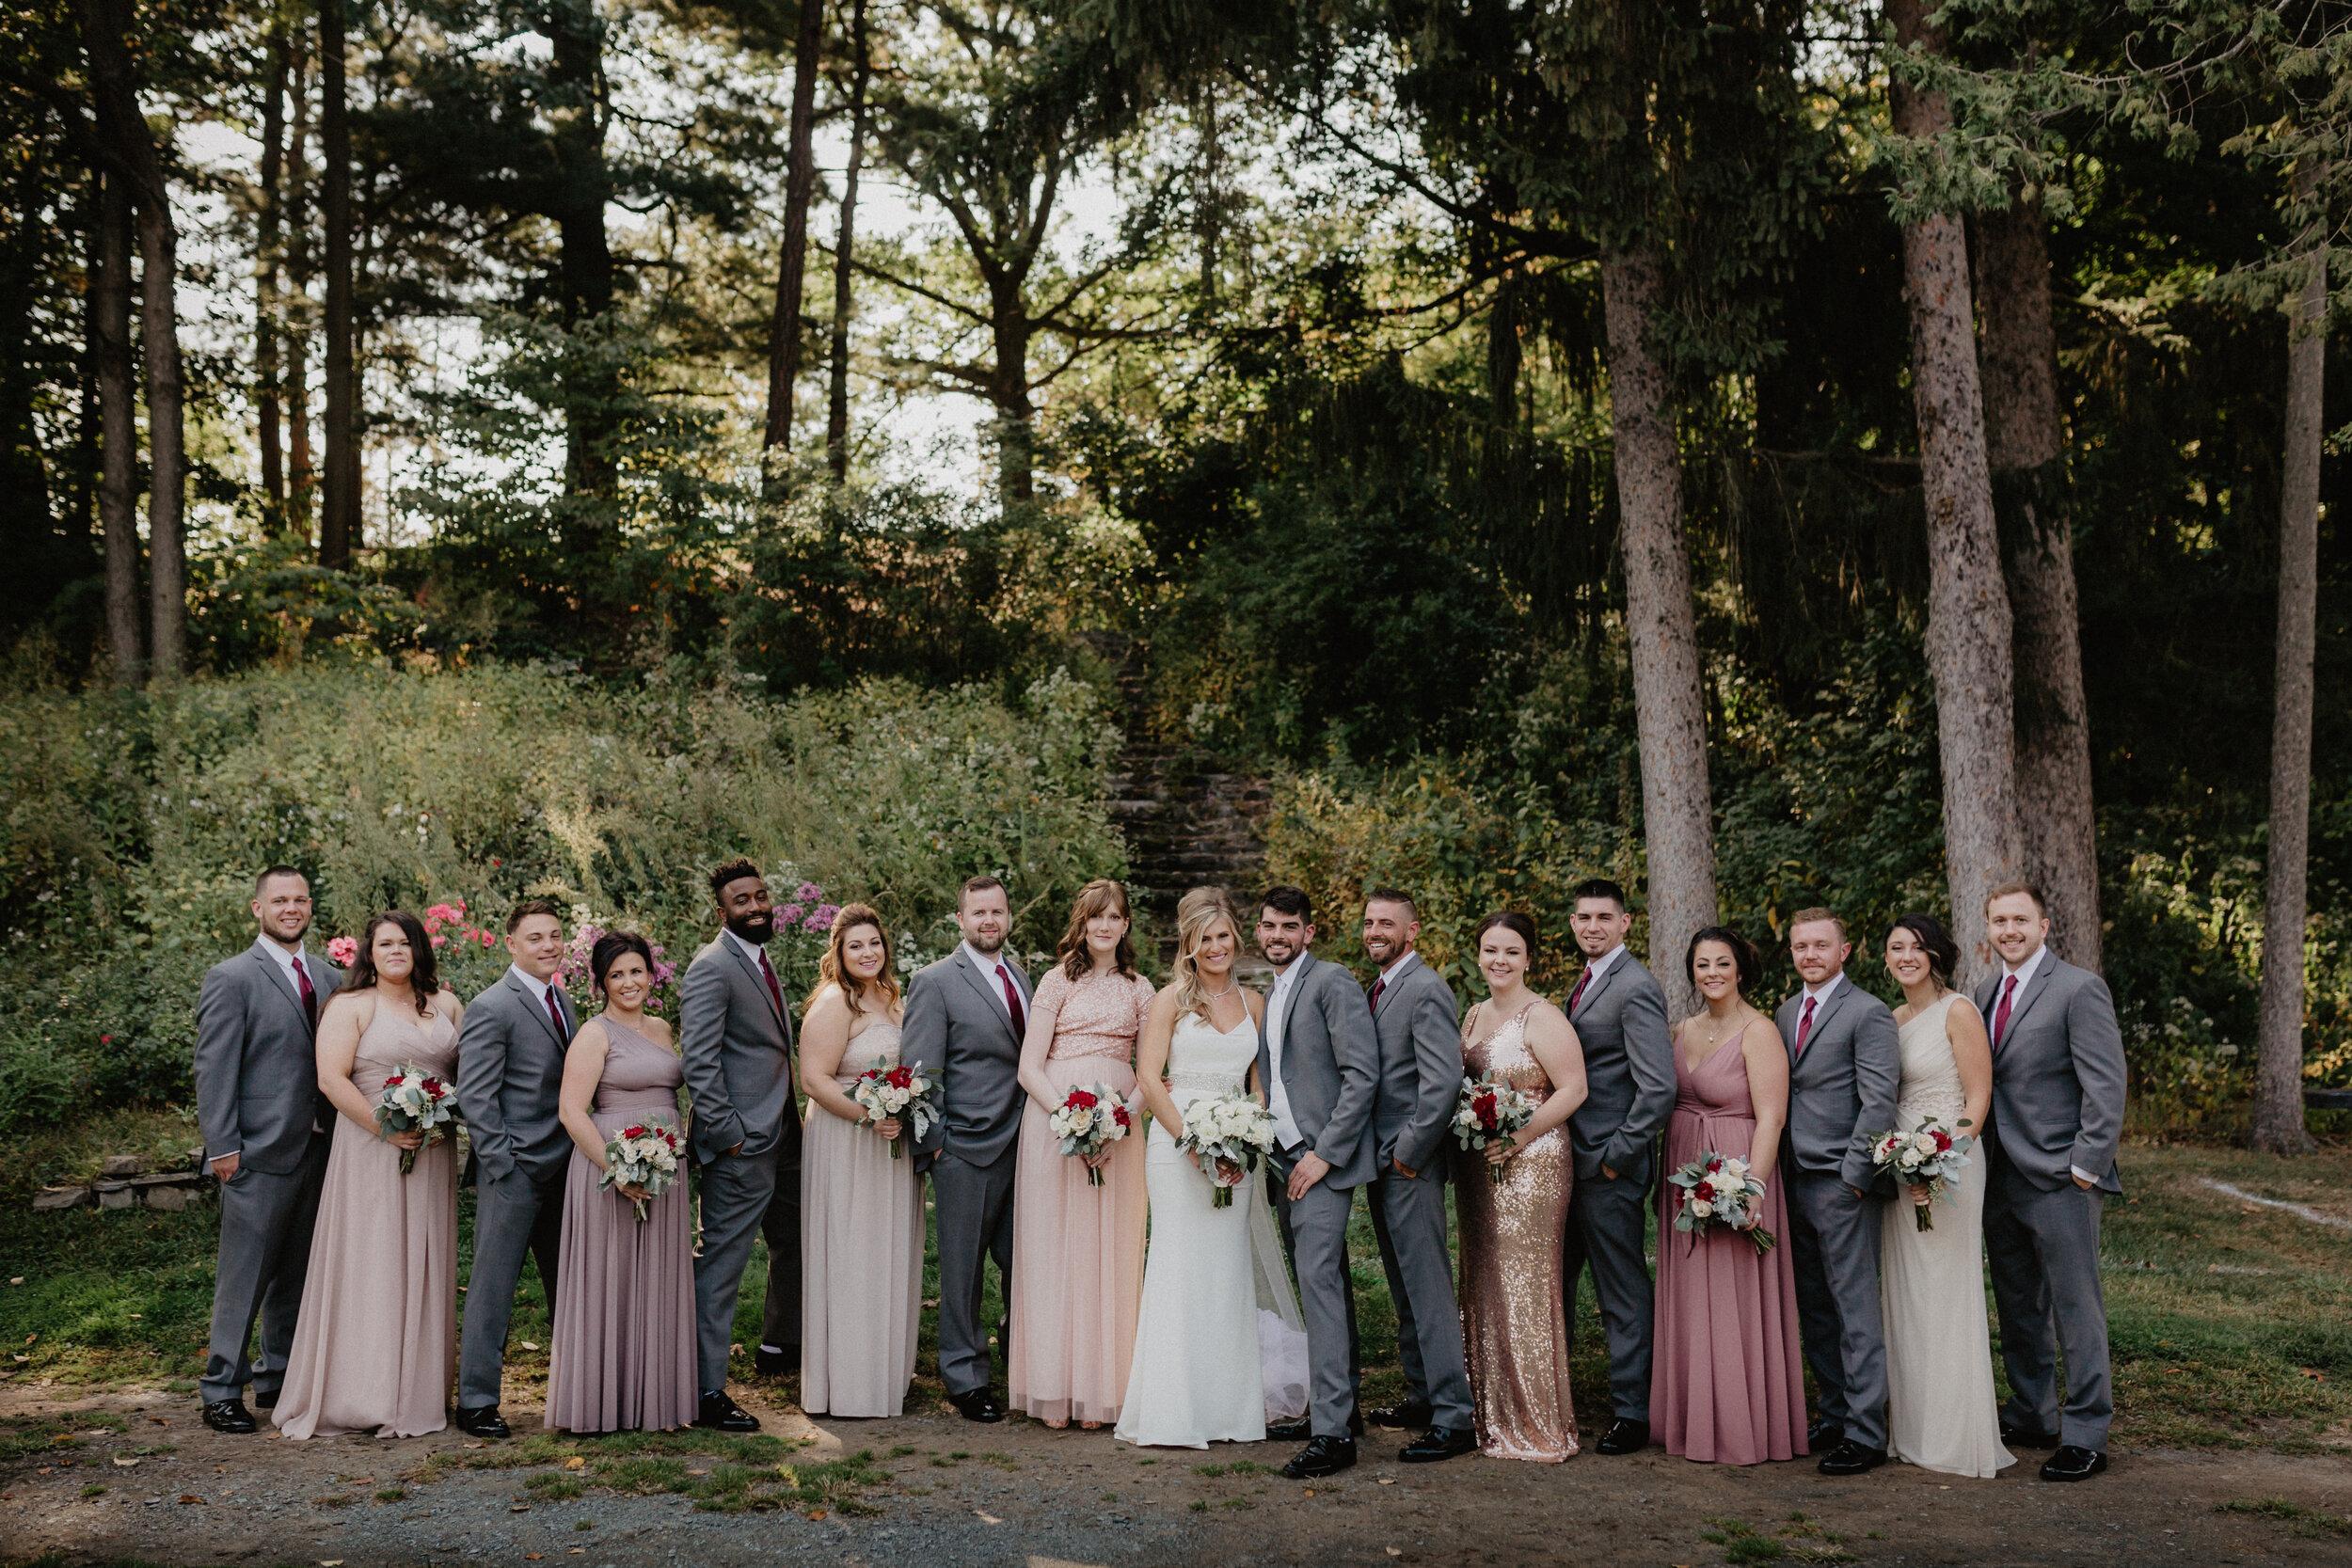 schenectady-new-york-wedding027.jpg